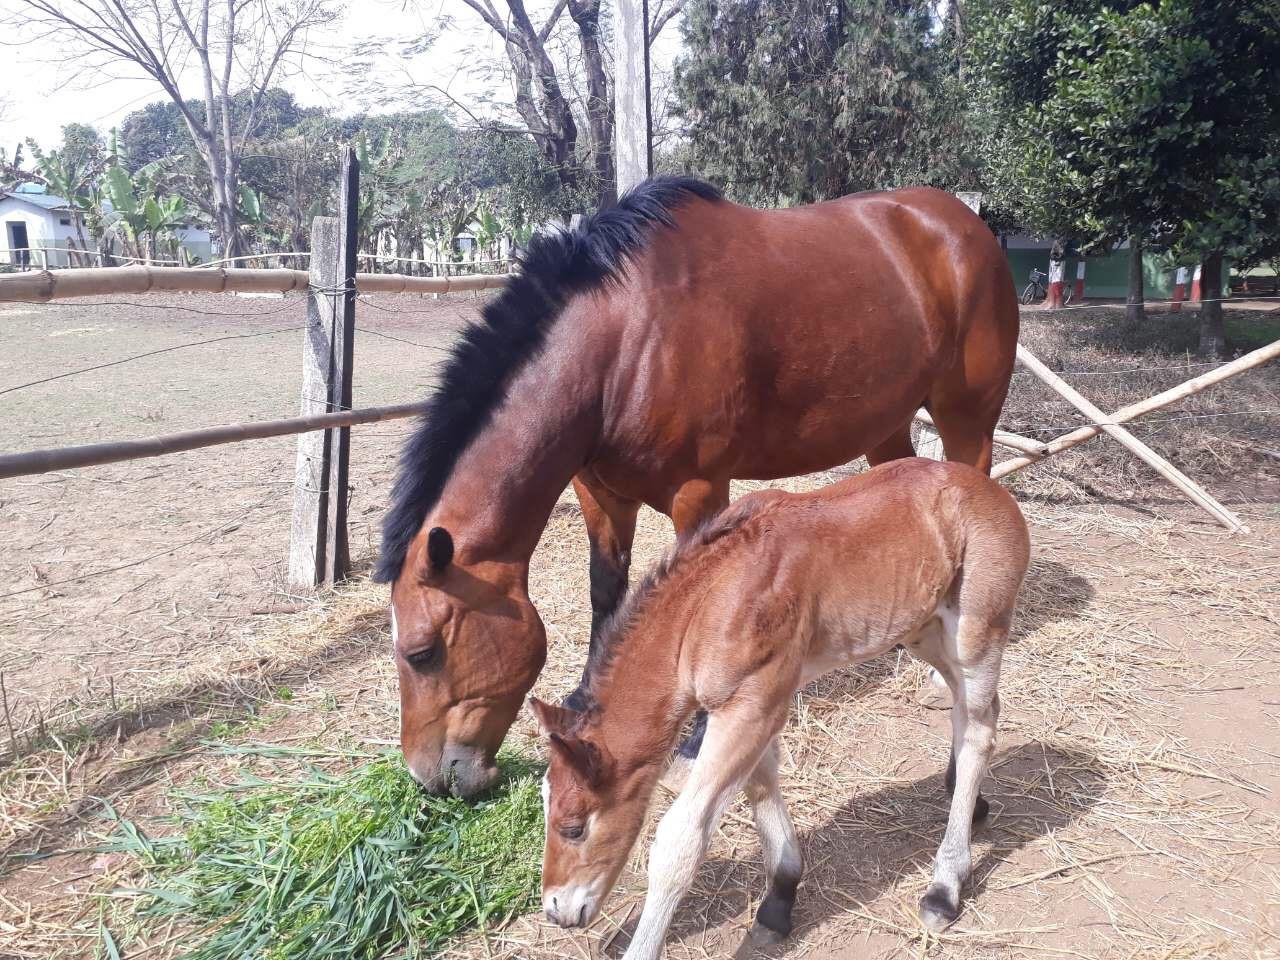 प्रजनन् केन्द्रमा हुर्किएका घोडा। तस्बिर: नेपाल क्याभलरी